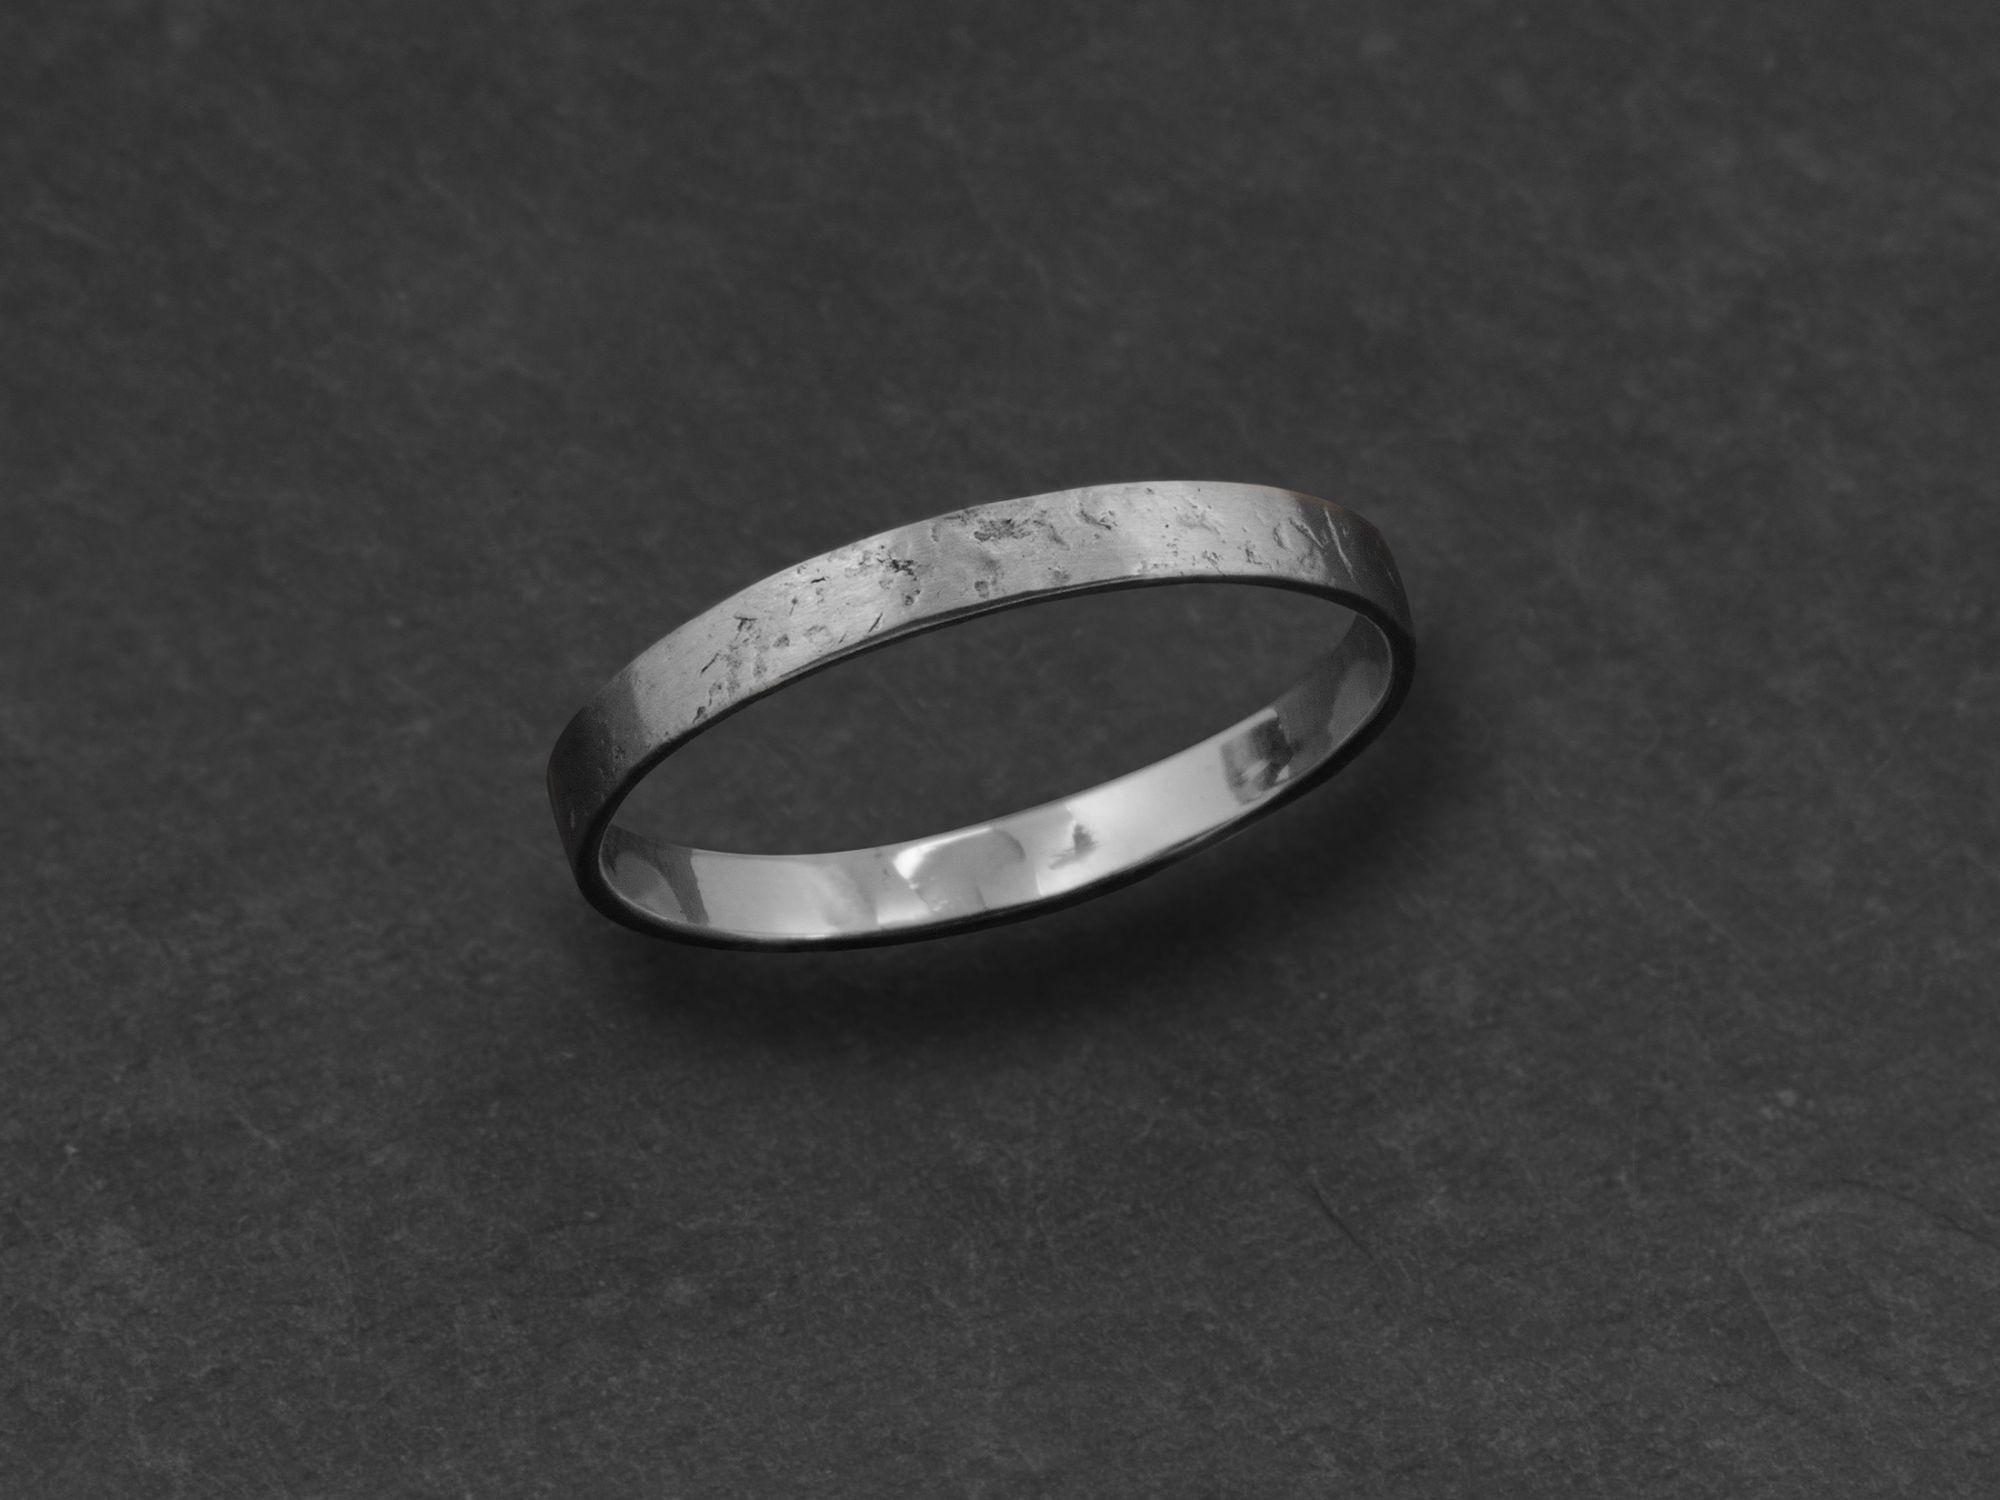 Mon Cheri 2.5 stone hammered white gold ring for men